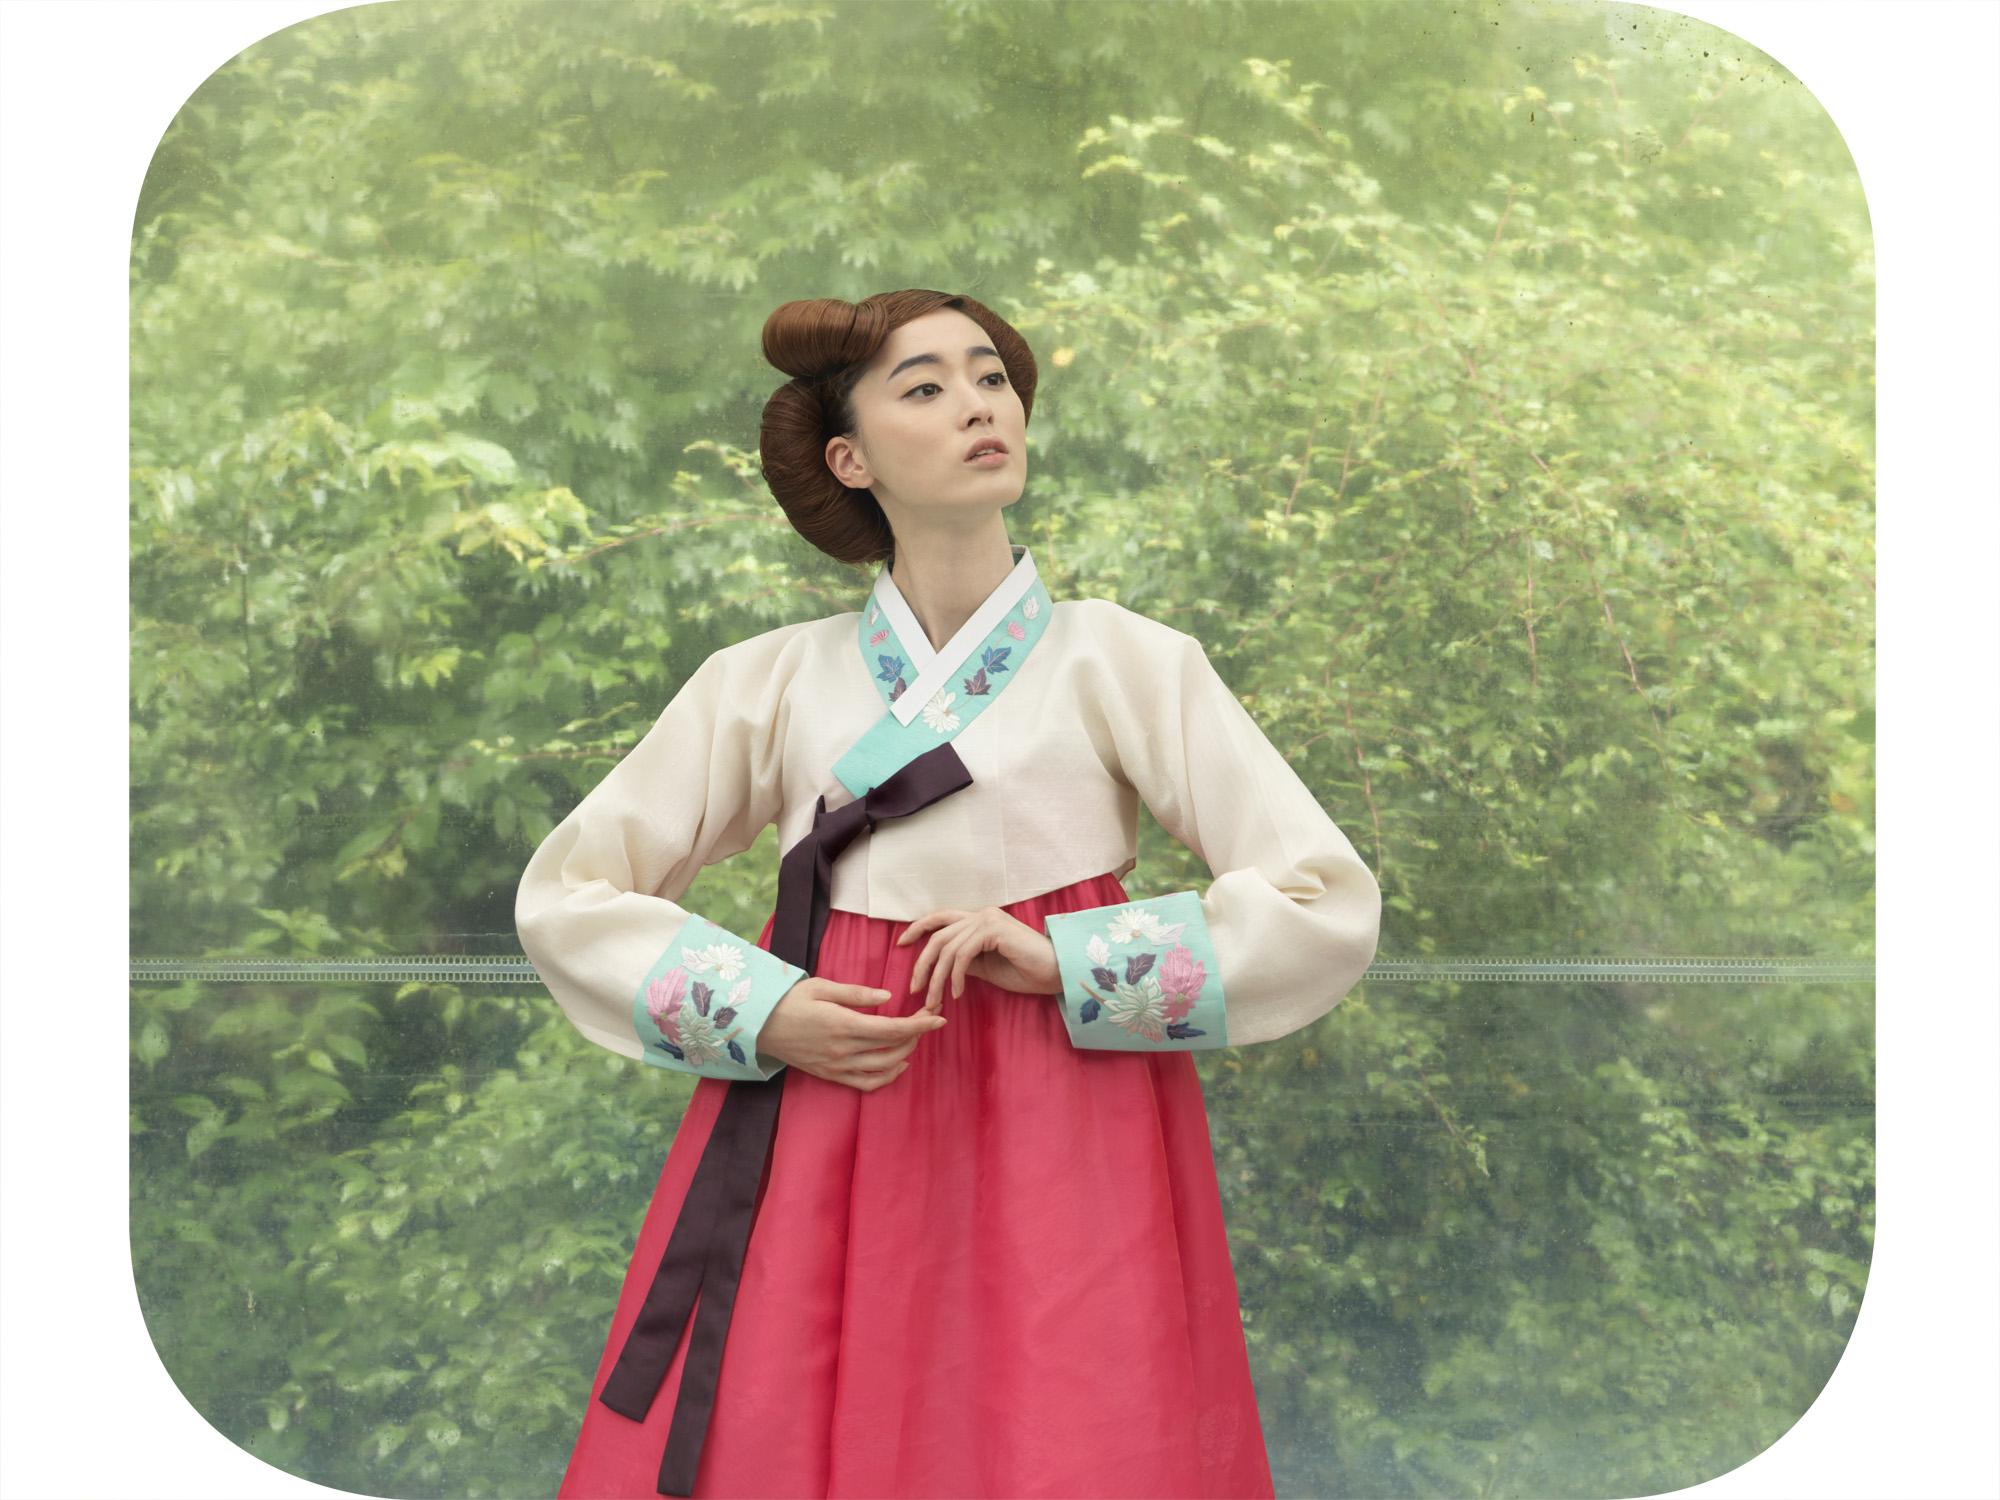 Korea_Chae-eun Son